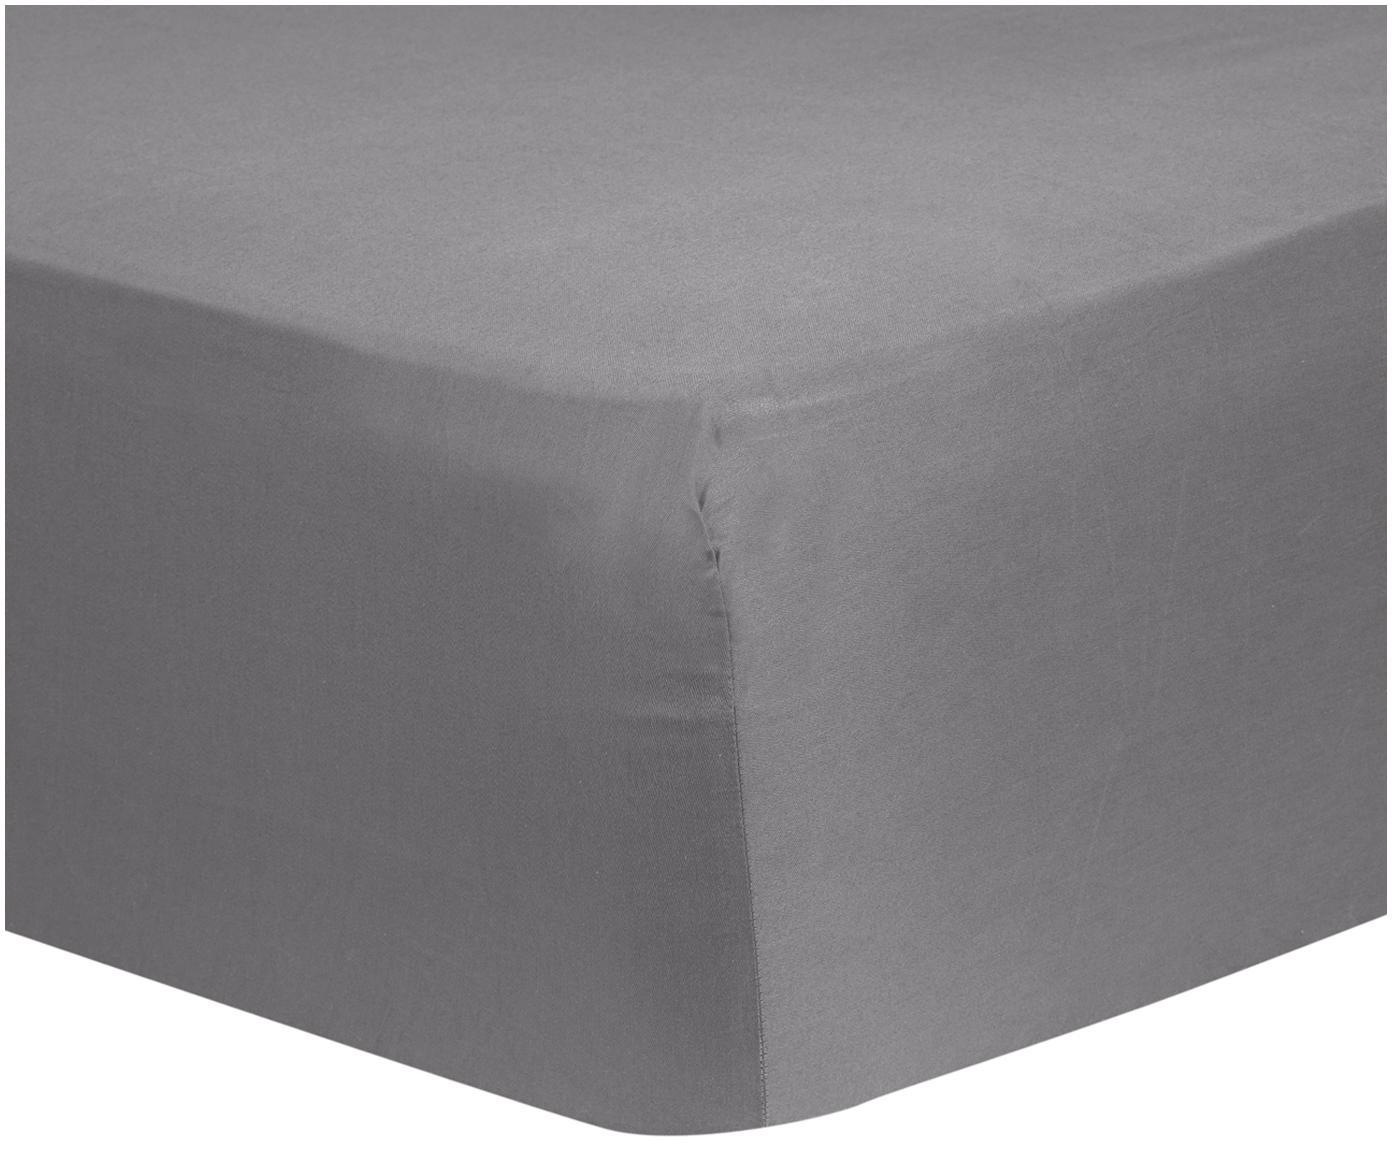 Boxspring-Spannbettlaken Comfort, Baumwollsatin, Webart: Satin, leicht glänzend, Dunkelgrau, 90 x 200 cm